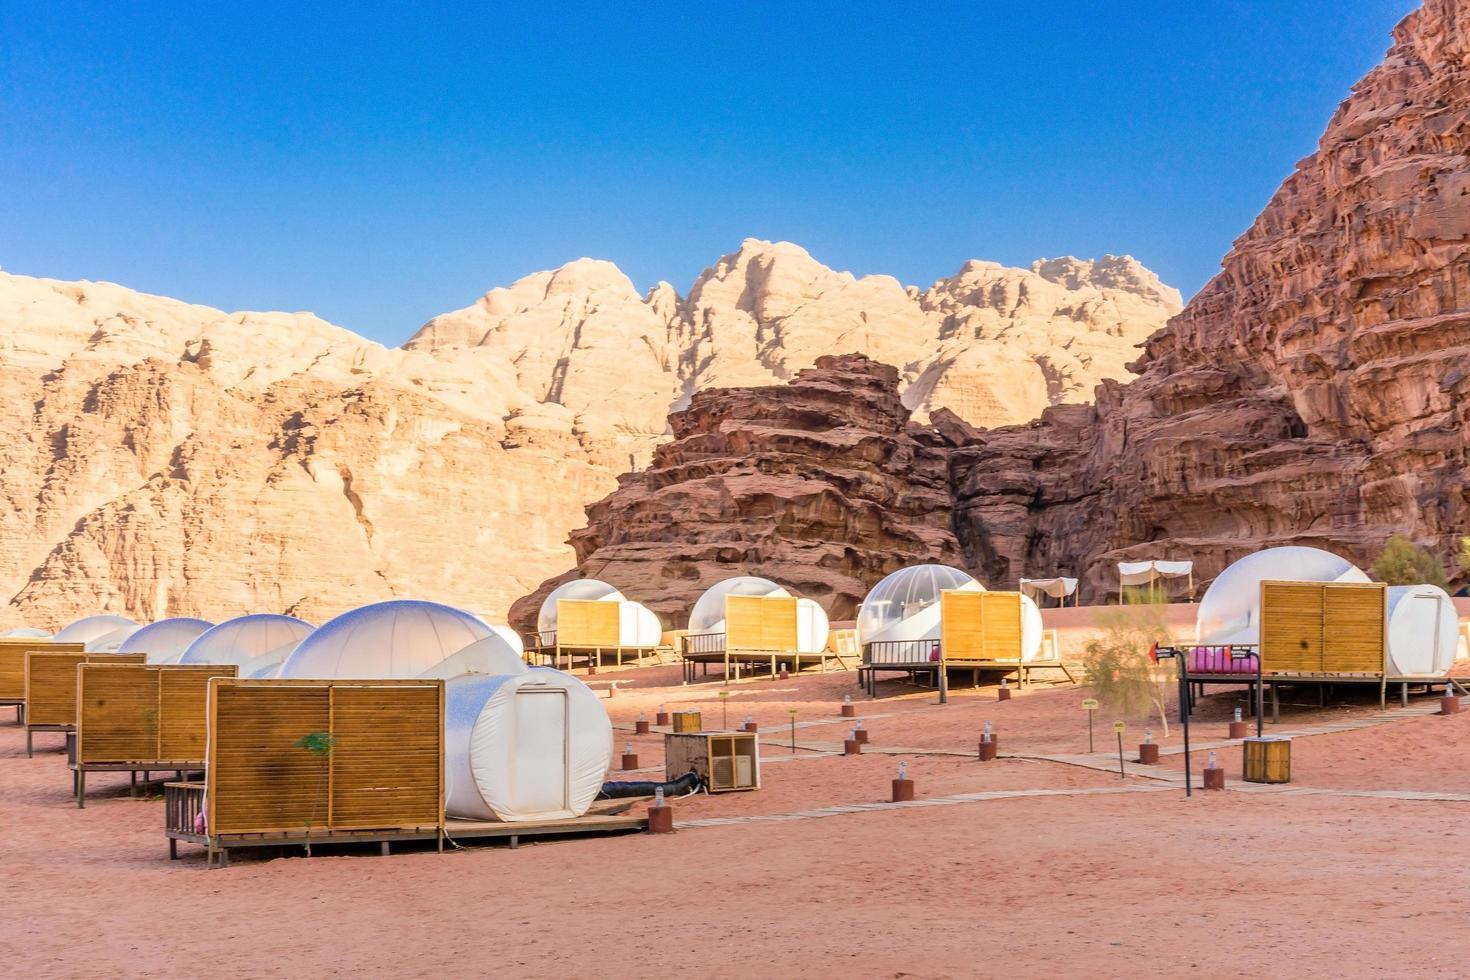 campeggio lungo le rocce a petra, wadi rum, giordania foto